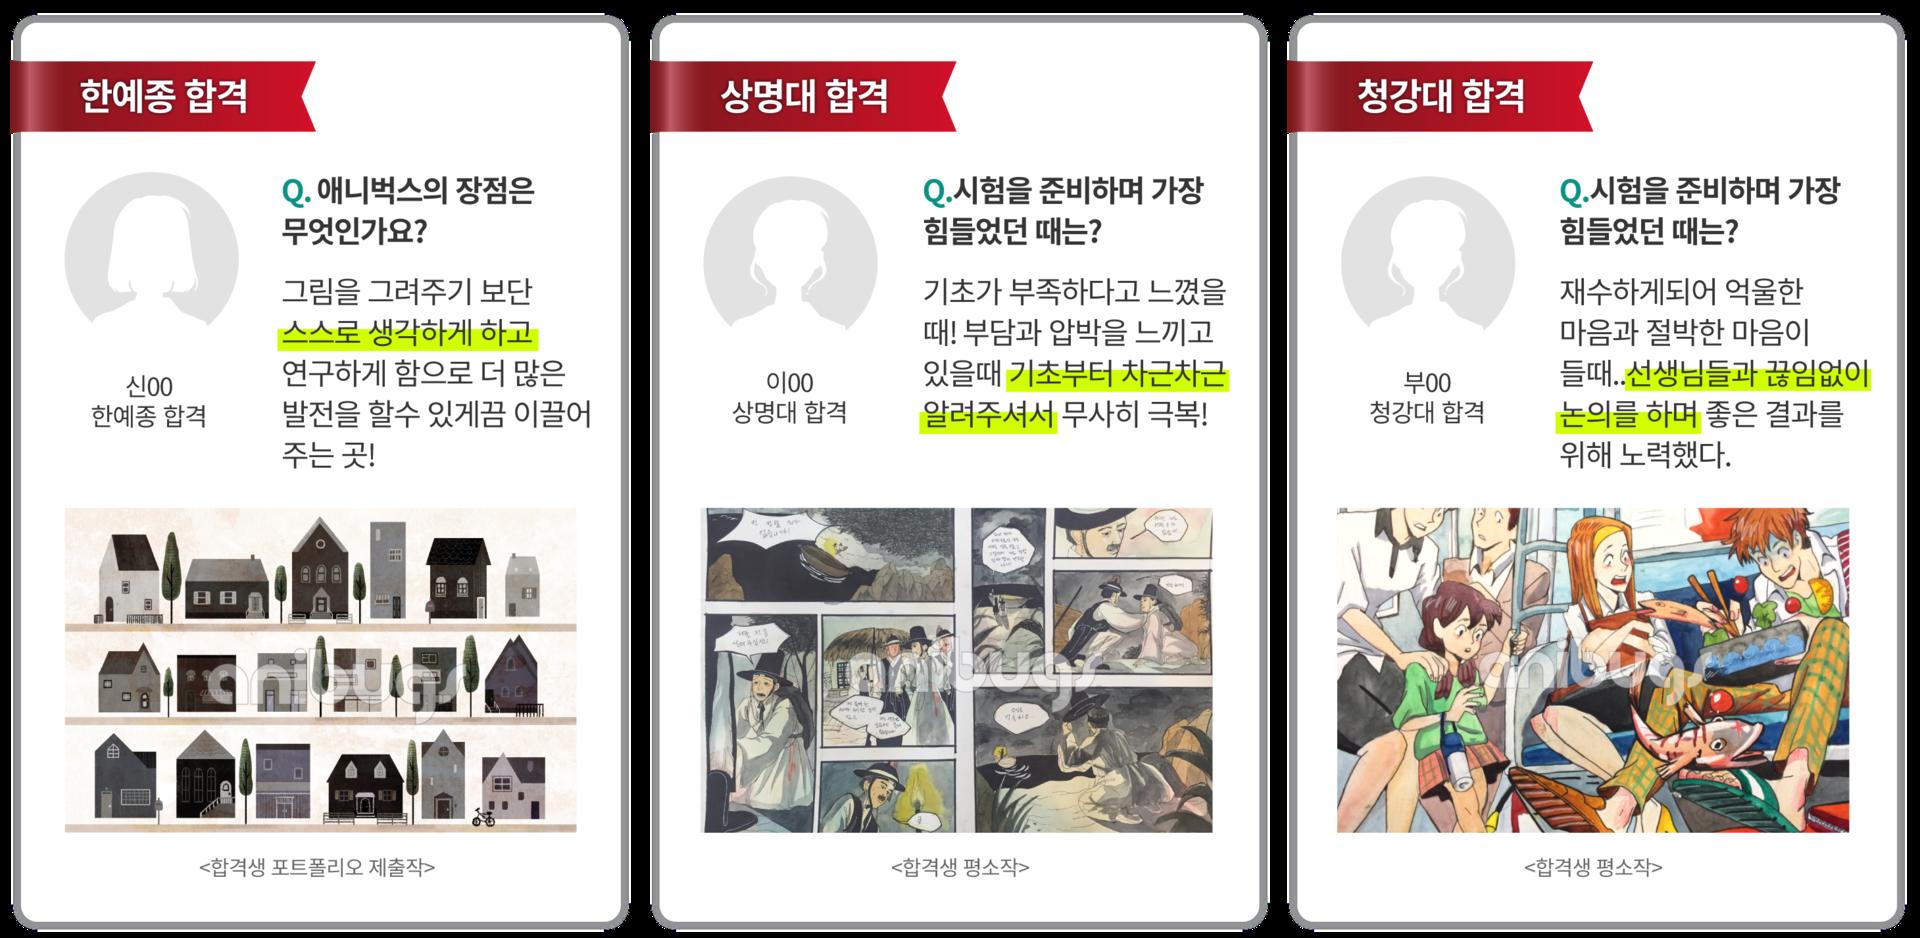 애니벅스_재수_집중반_합격자인터뷰